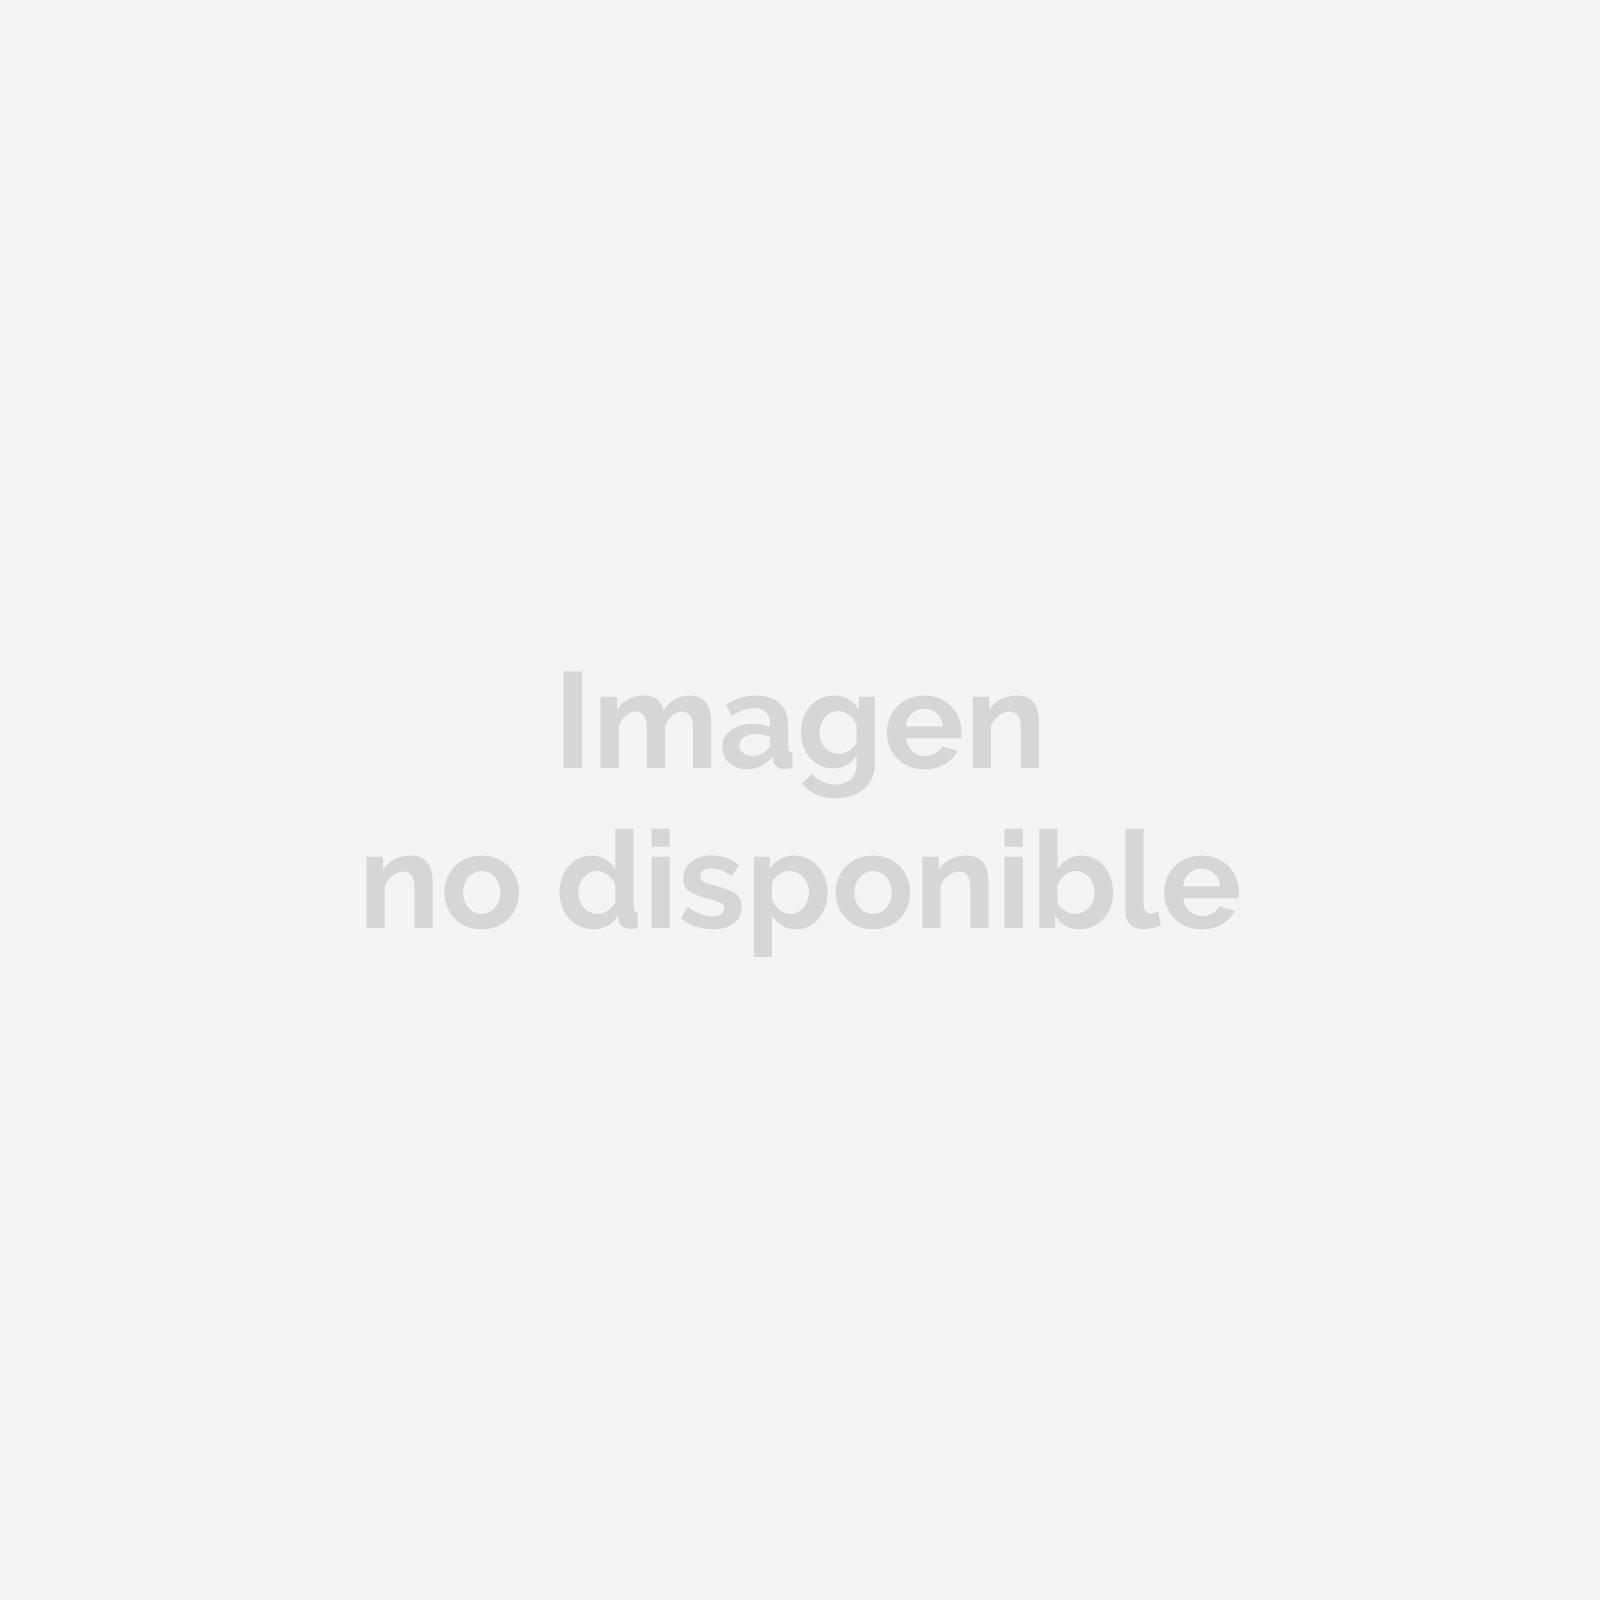 Colombia Cafetera Aluminio 9 tz